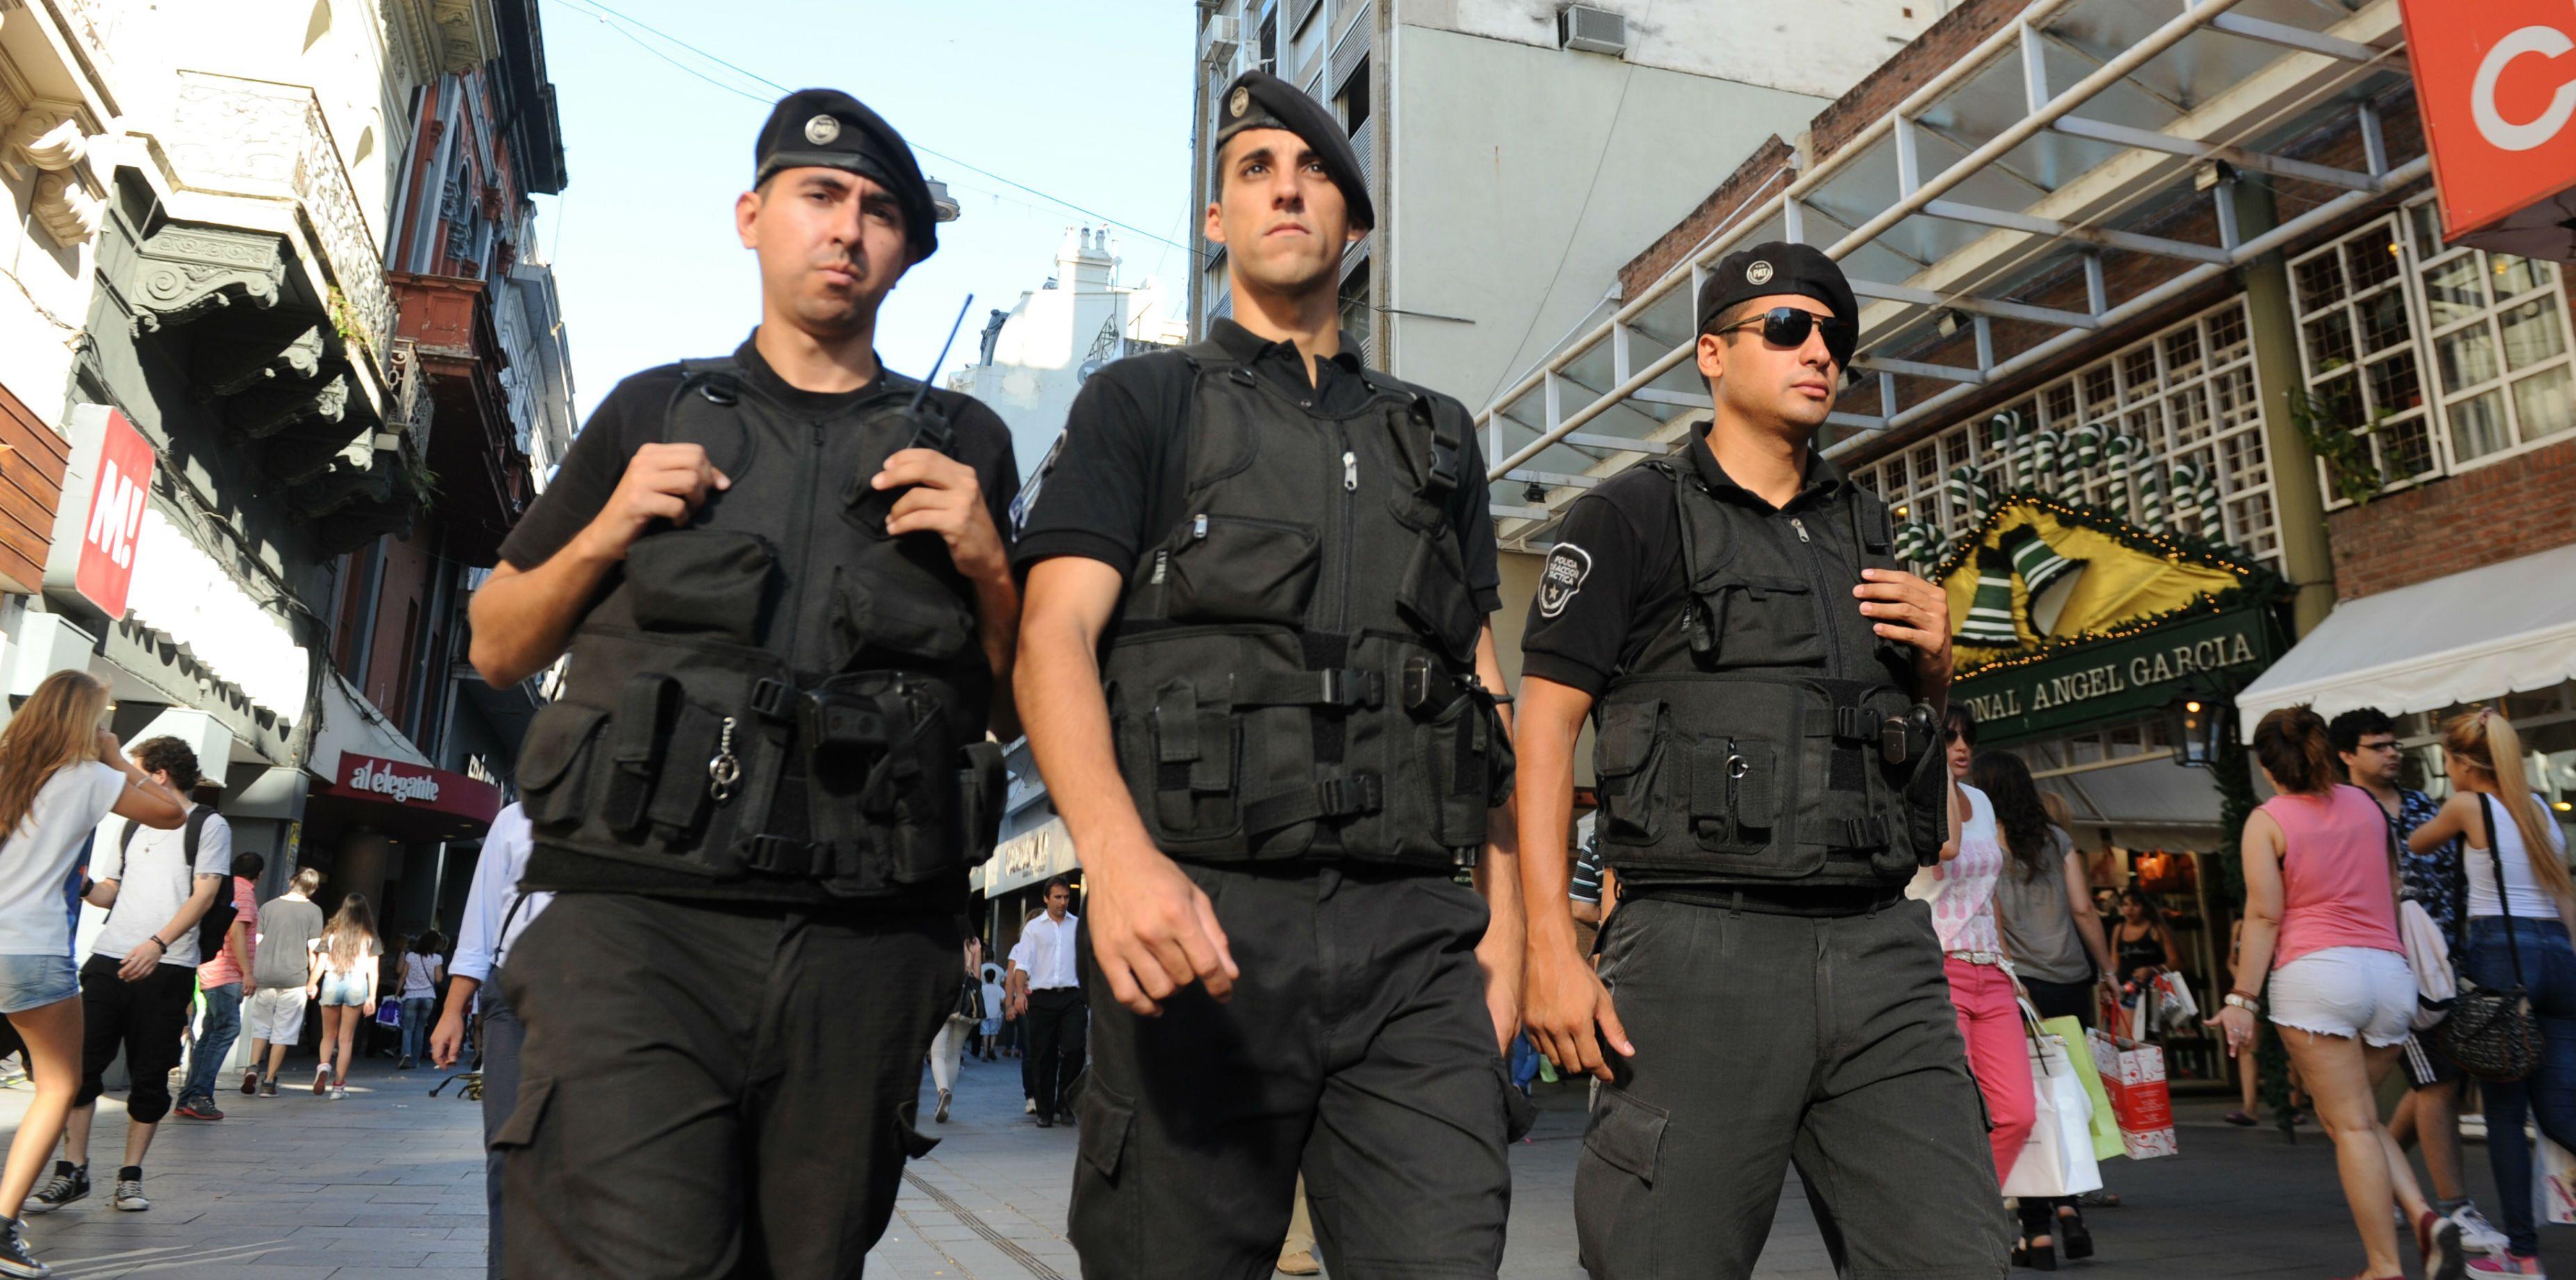 La policía garantizó los patrullajes en el centro ante la denuncia de zona liberada de los comerciantes